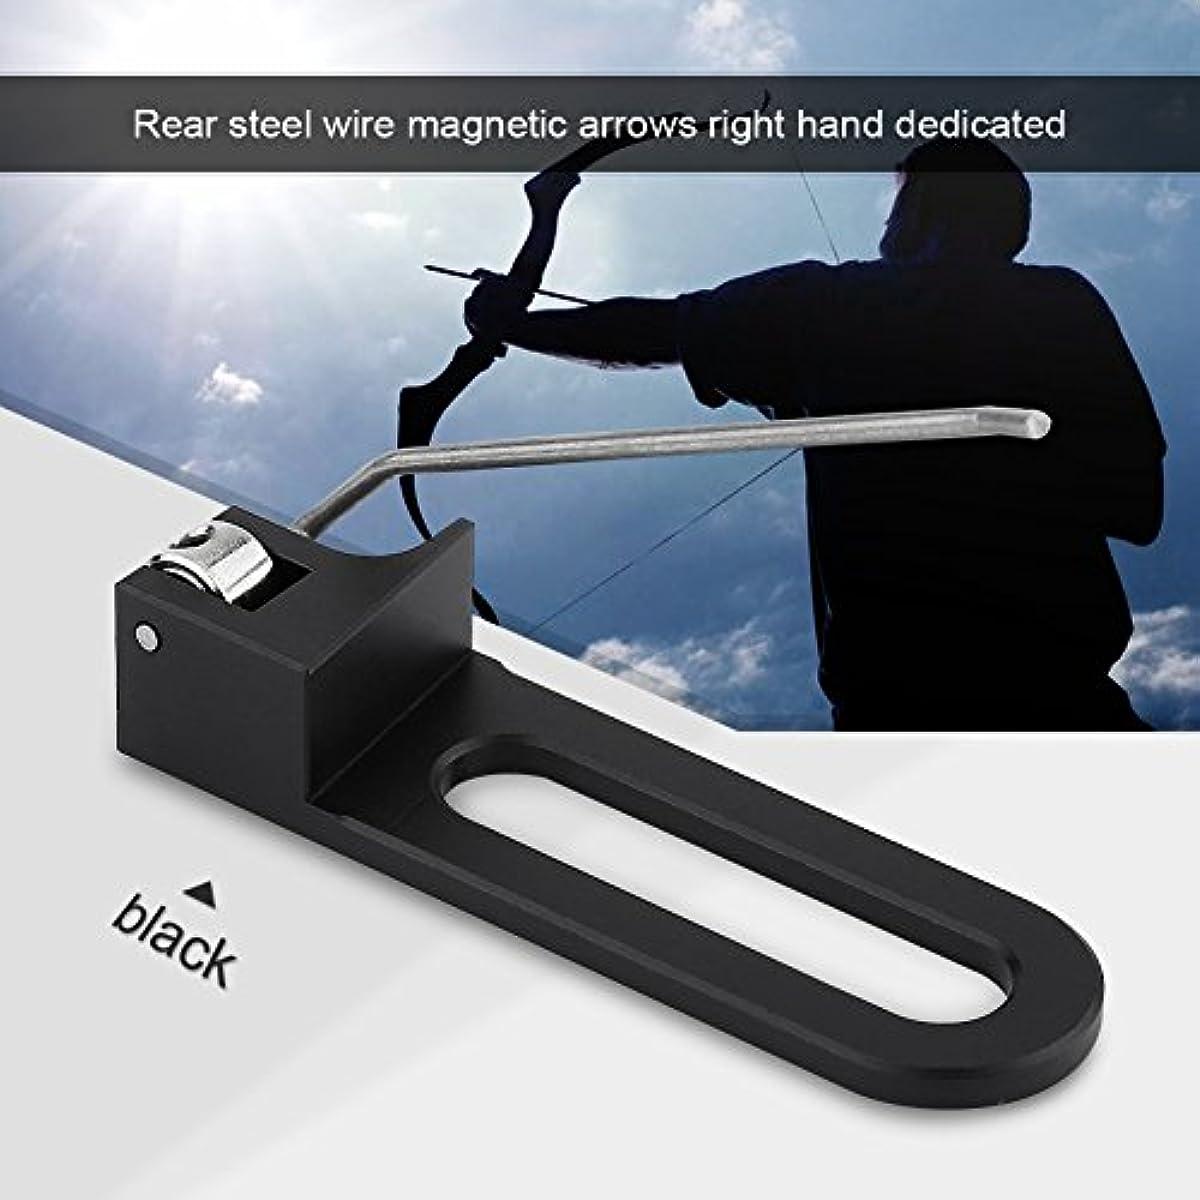 [해외] 오른쪽의 손을 위한 활의 자기 화살표범의 휴식을 회복하는 프로패셔널 알루미늄 양궁